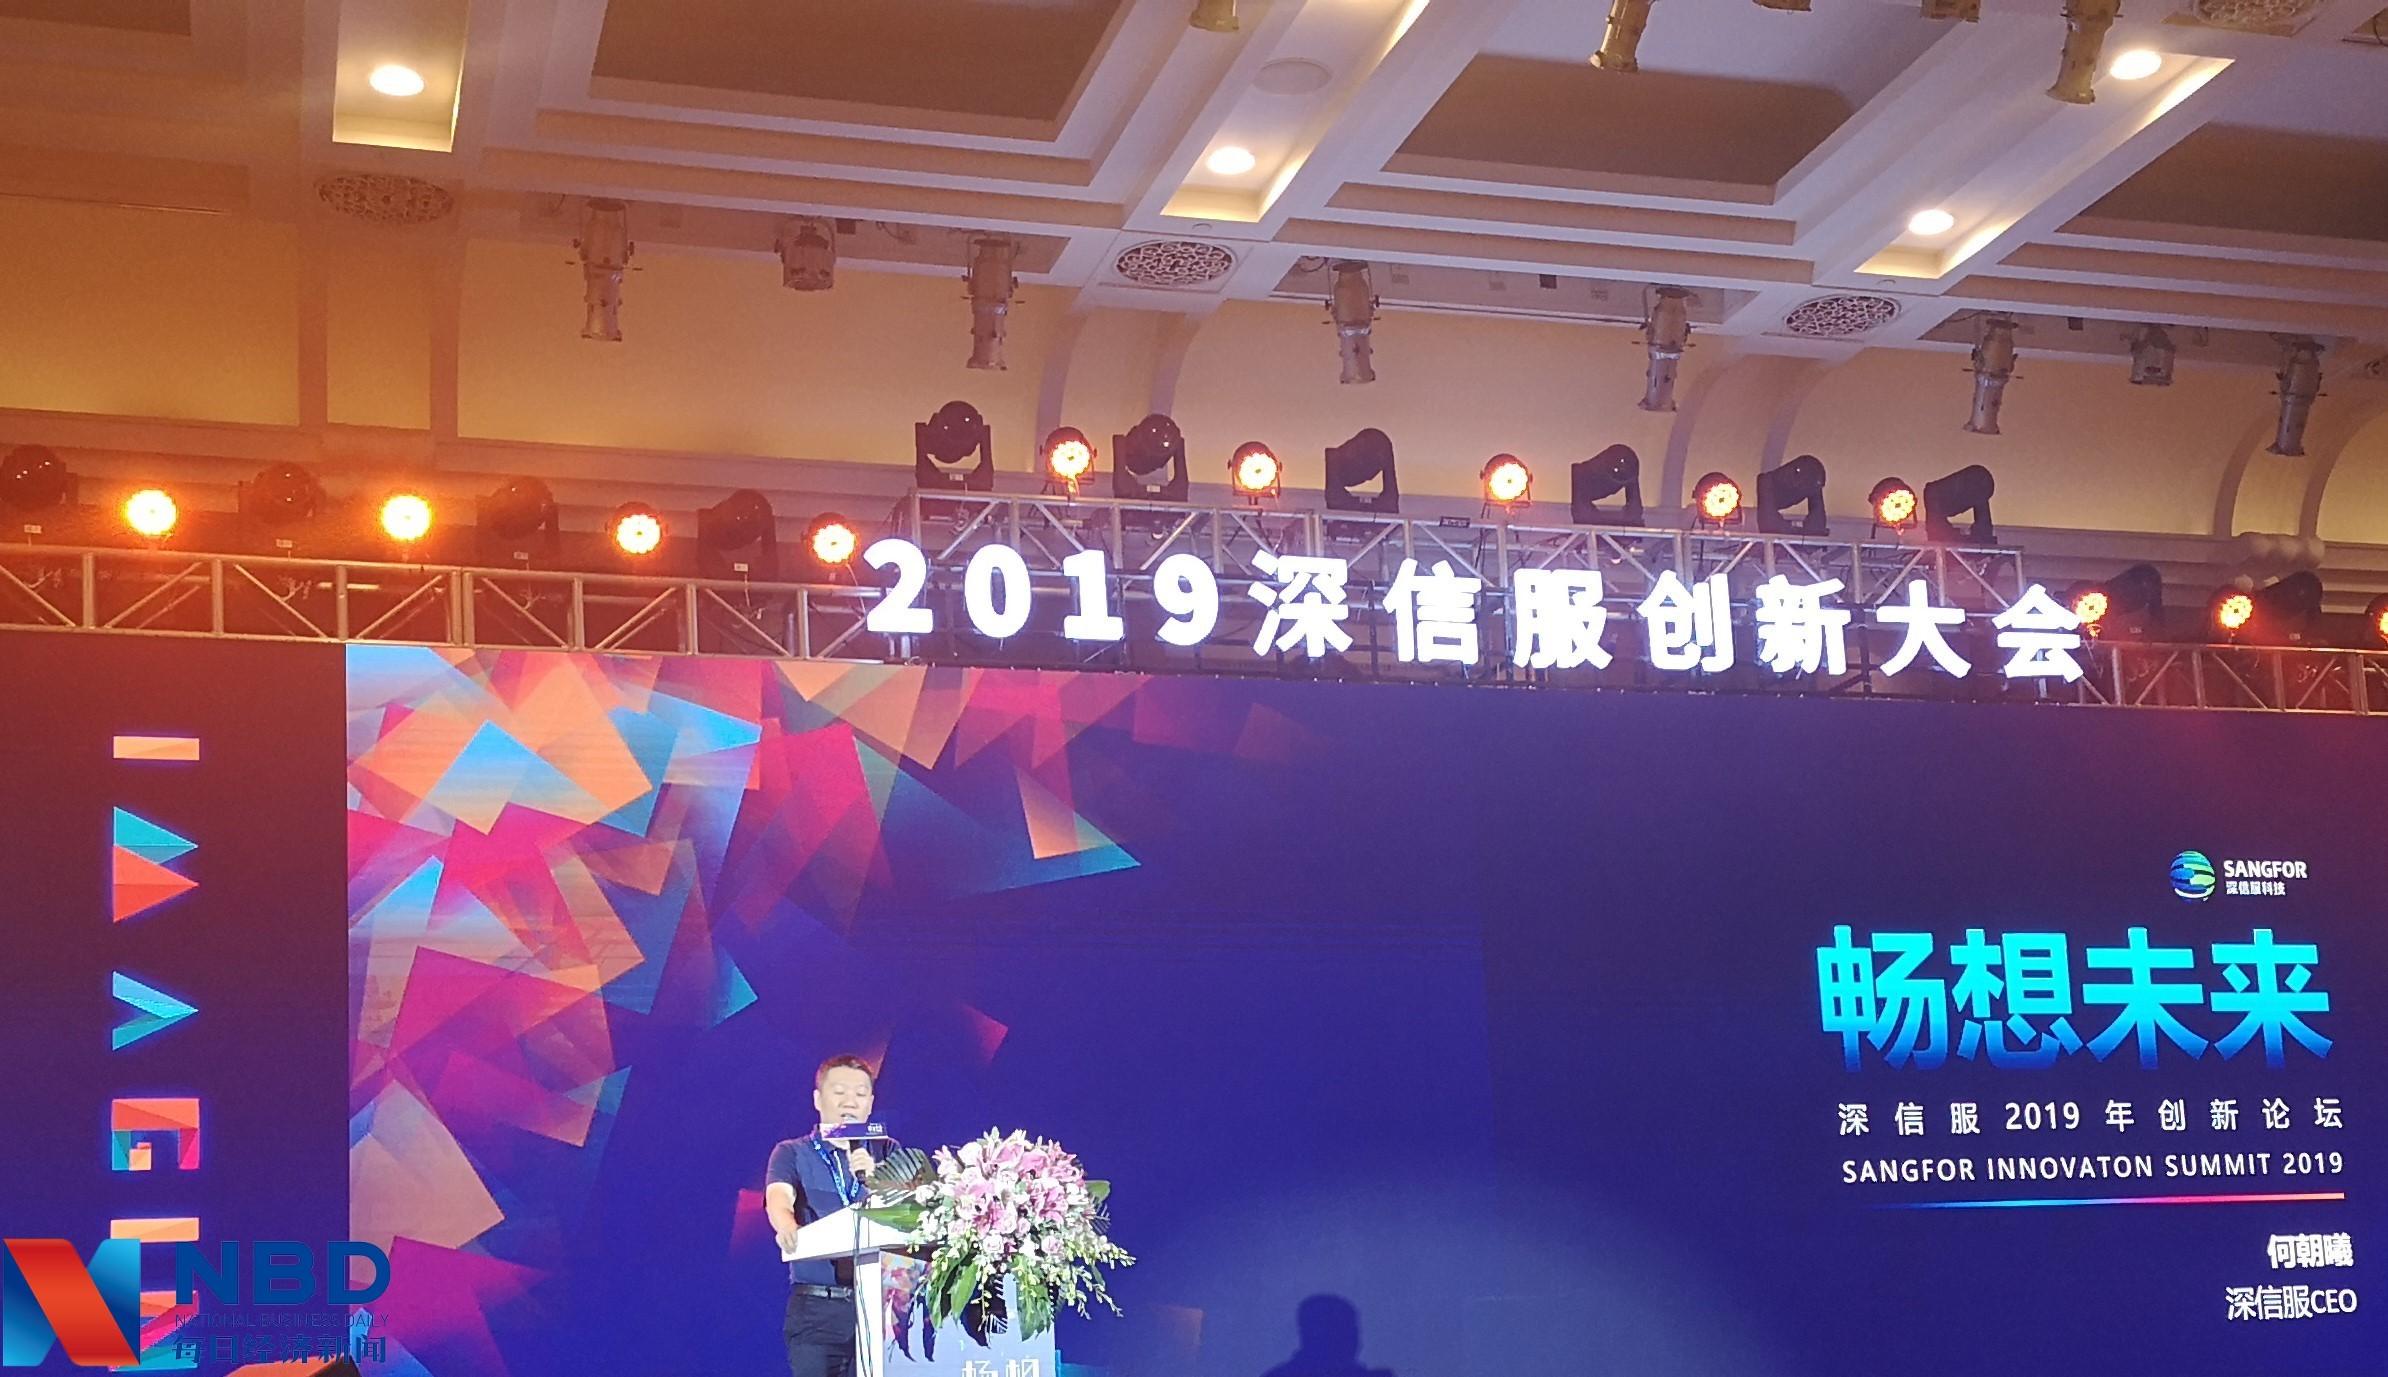 """企业数字化转型仍遇多重阻碍 IDC中国副总裁武连峰:这将是""""十年旅程"""""""